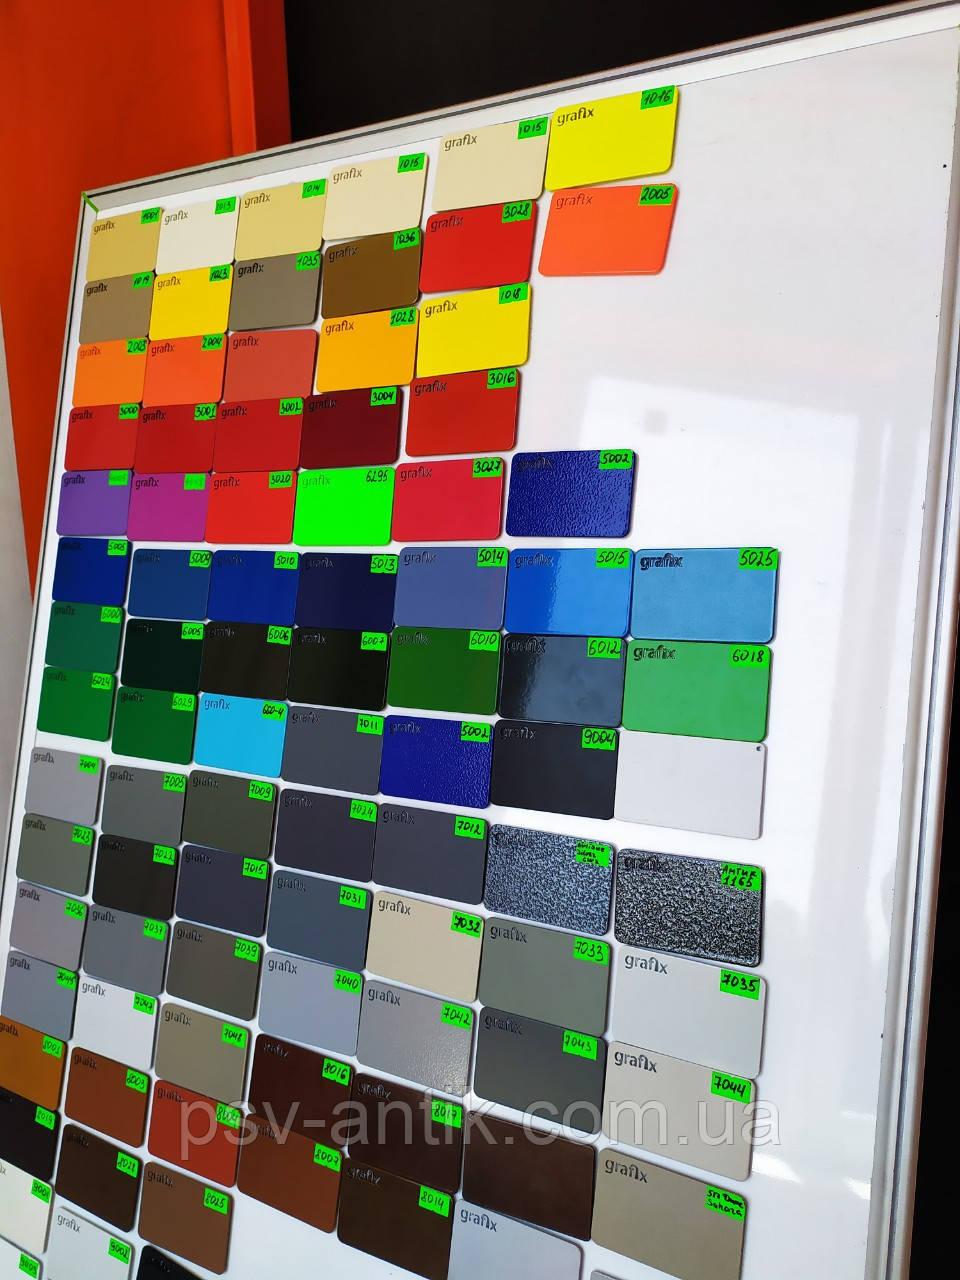 Порошковая краска матовая, полиэфирная, архитектурная, 5008